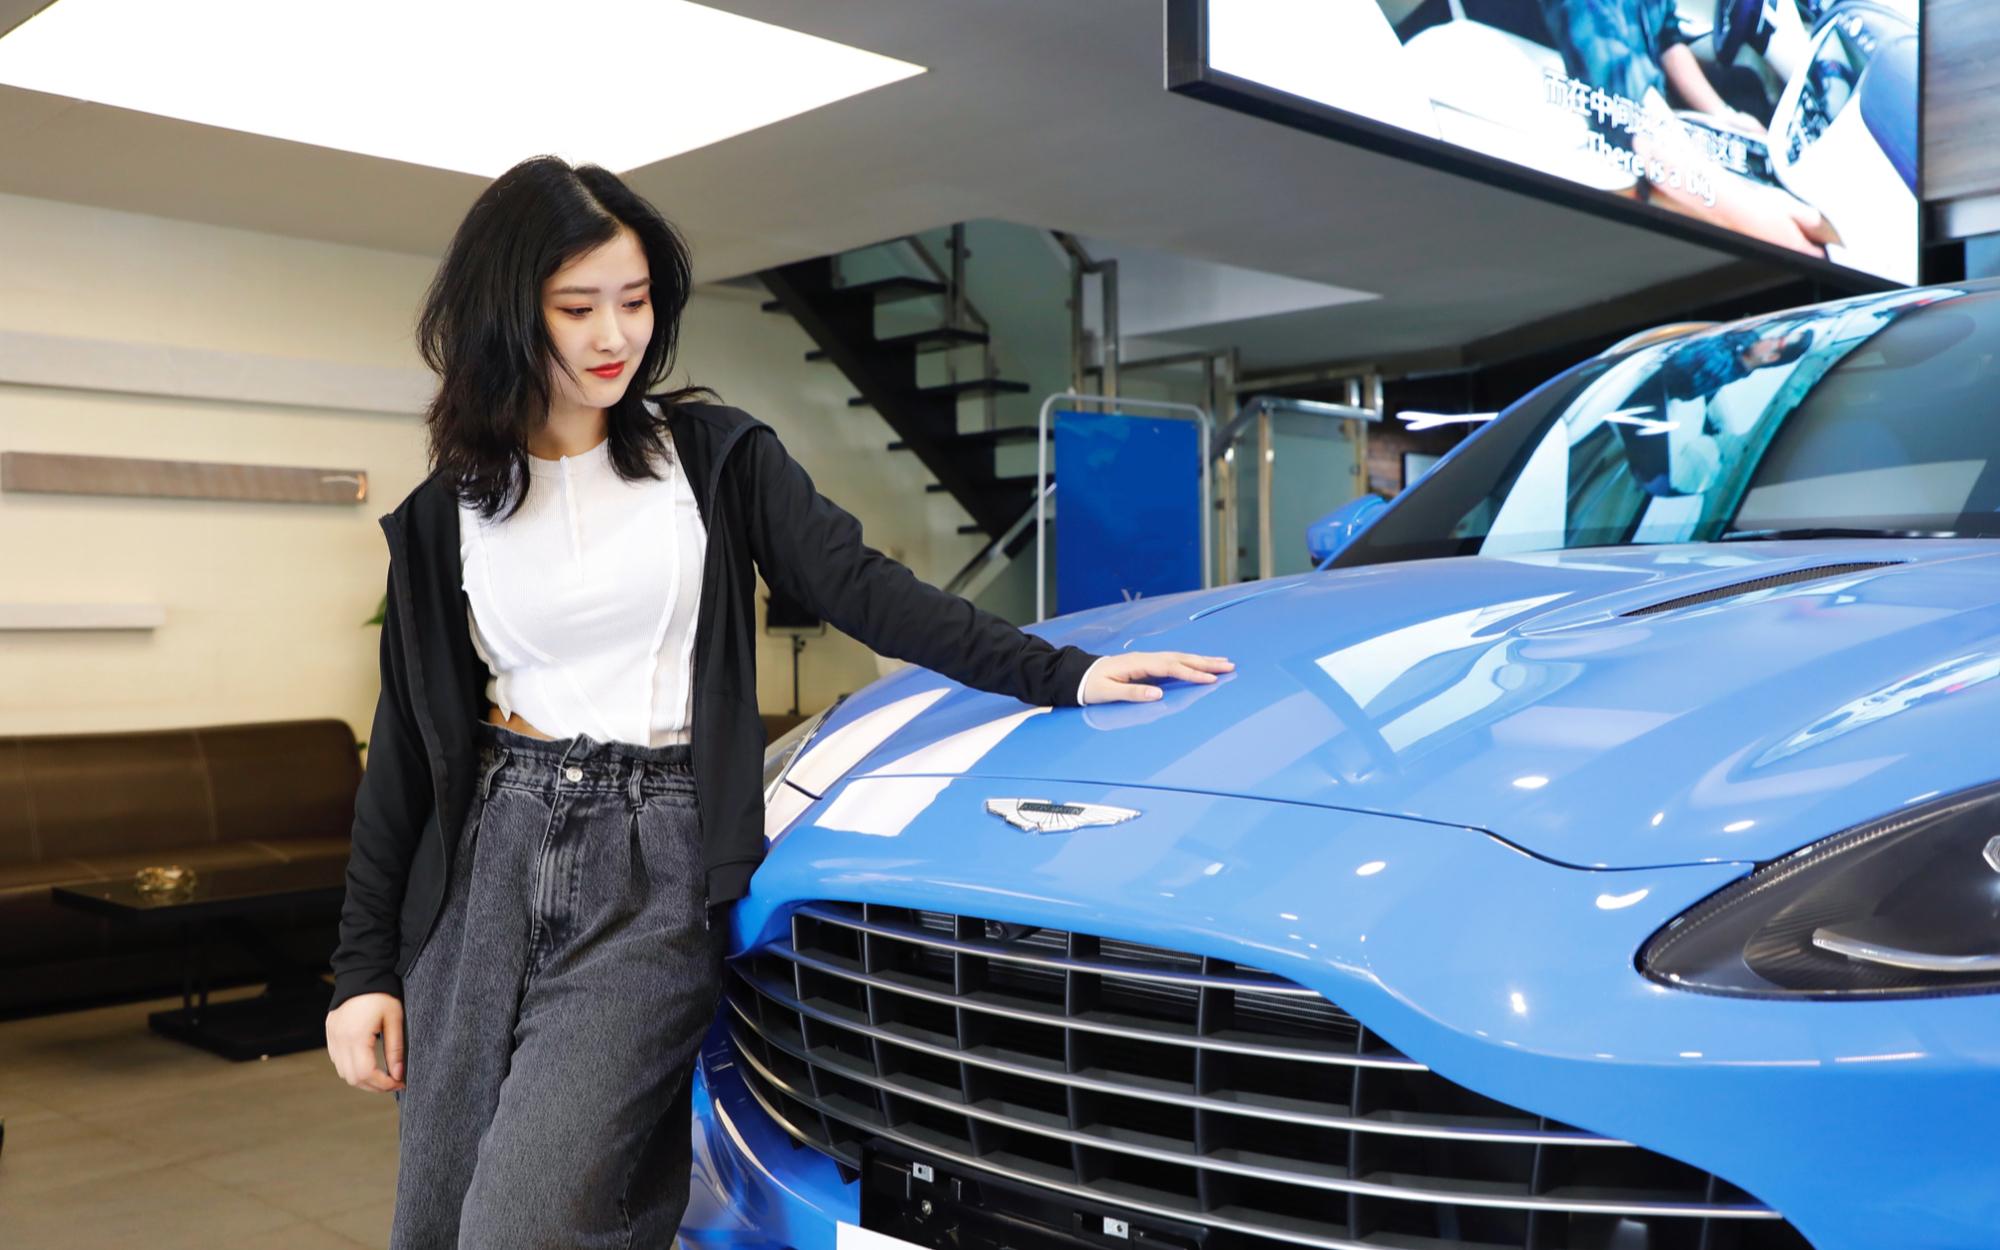 阿斯顿马丁DBX卖到200多万,宾利添越和奔驰G63,能同意吗?